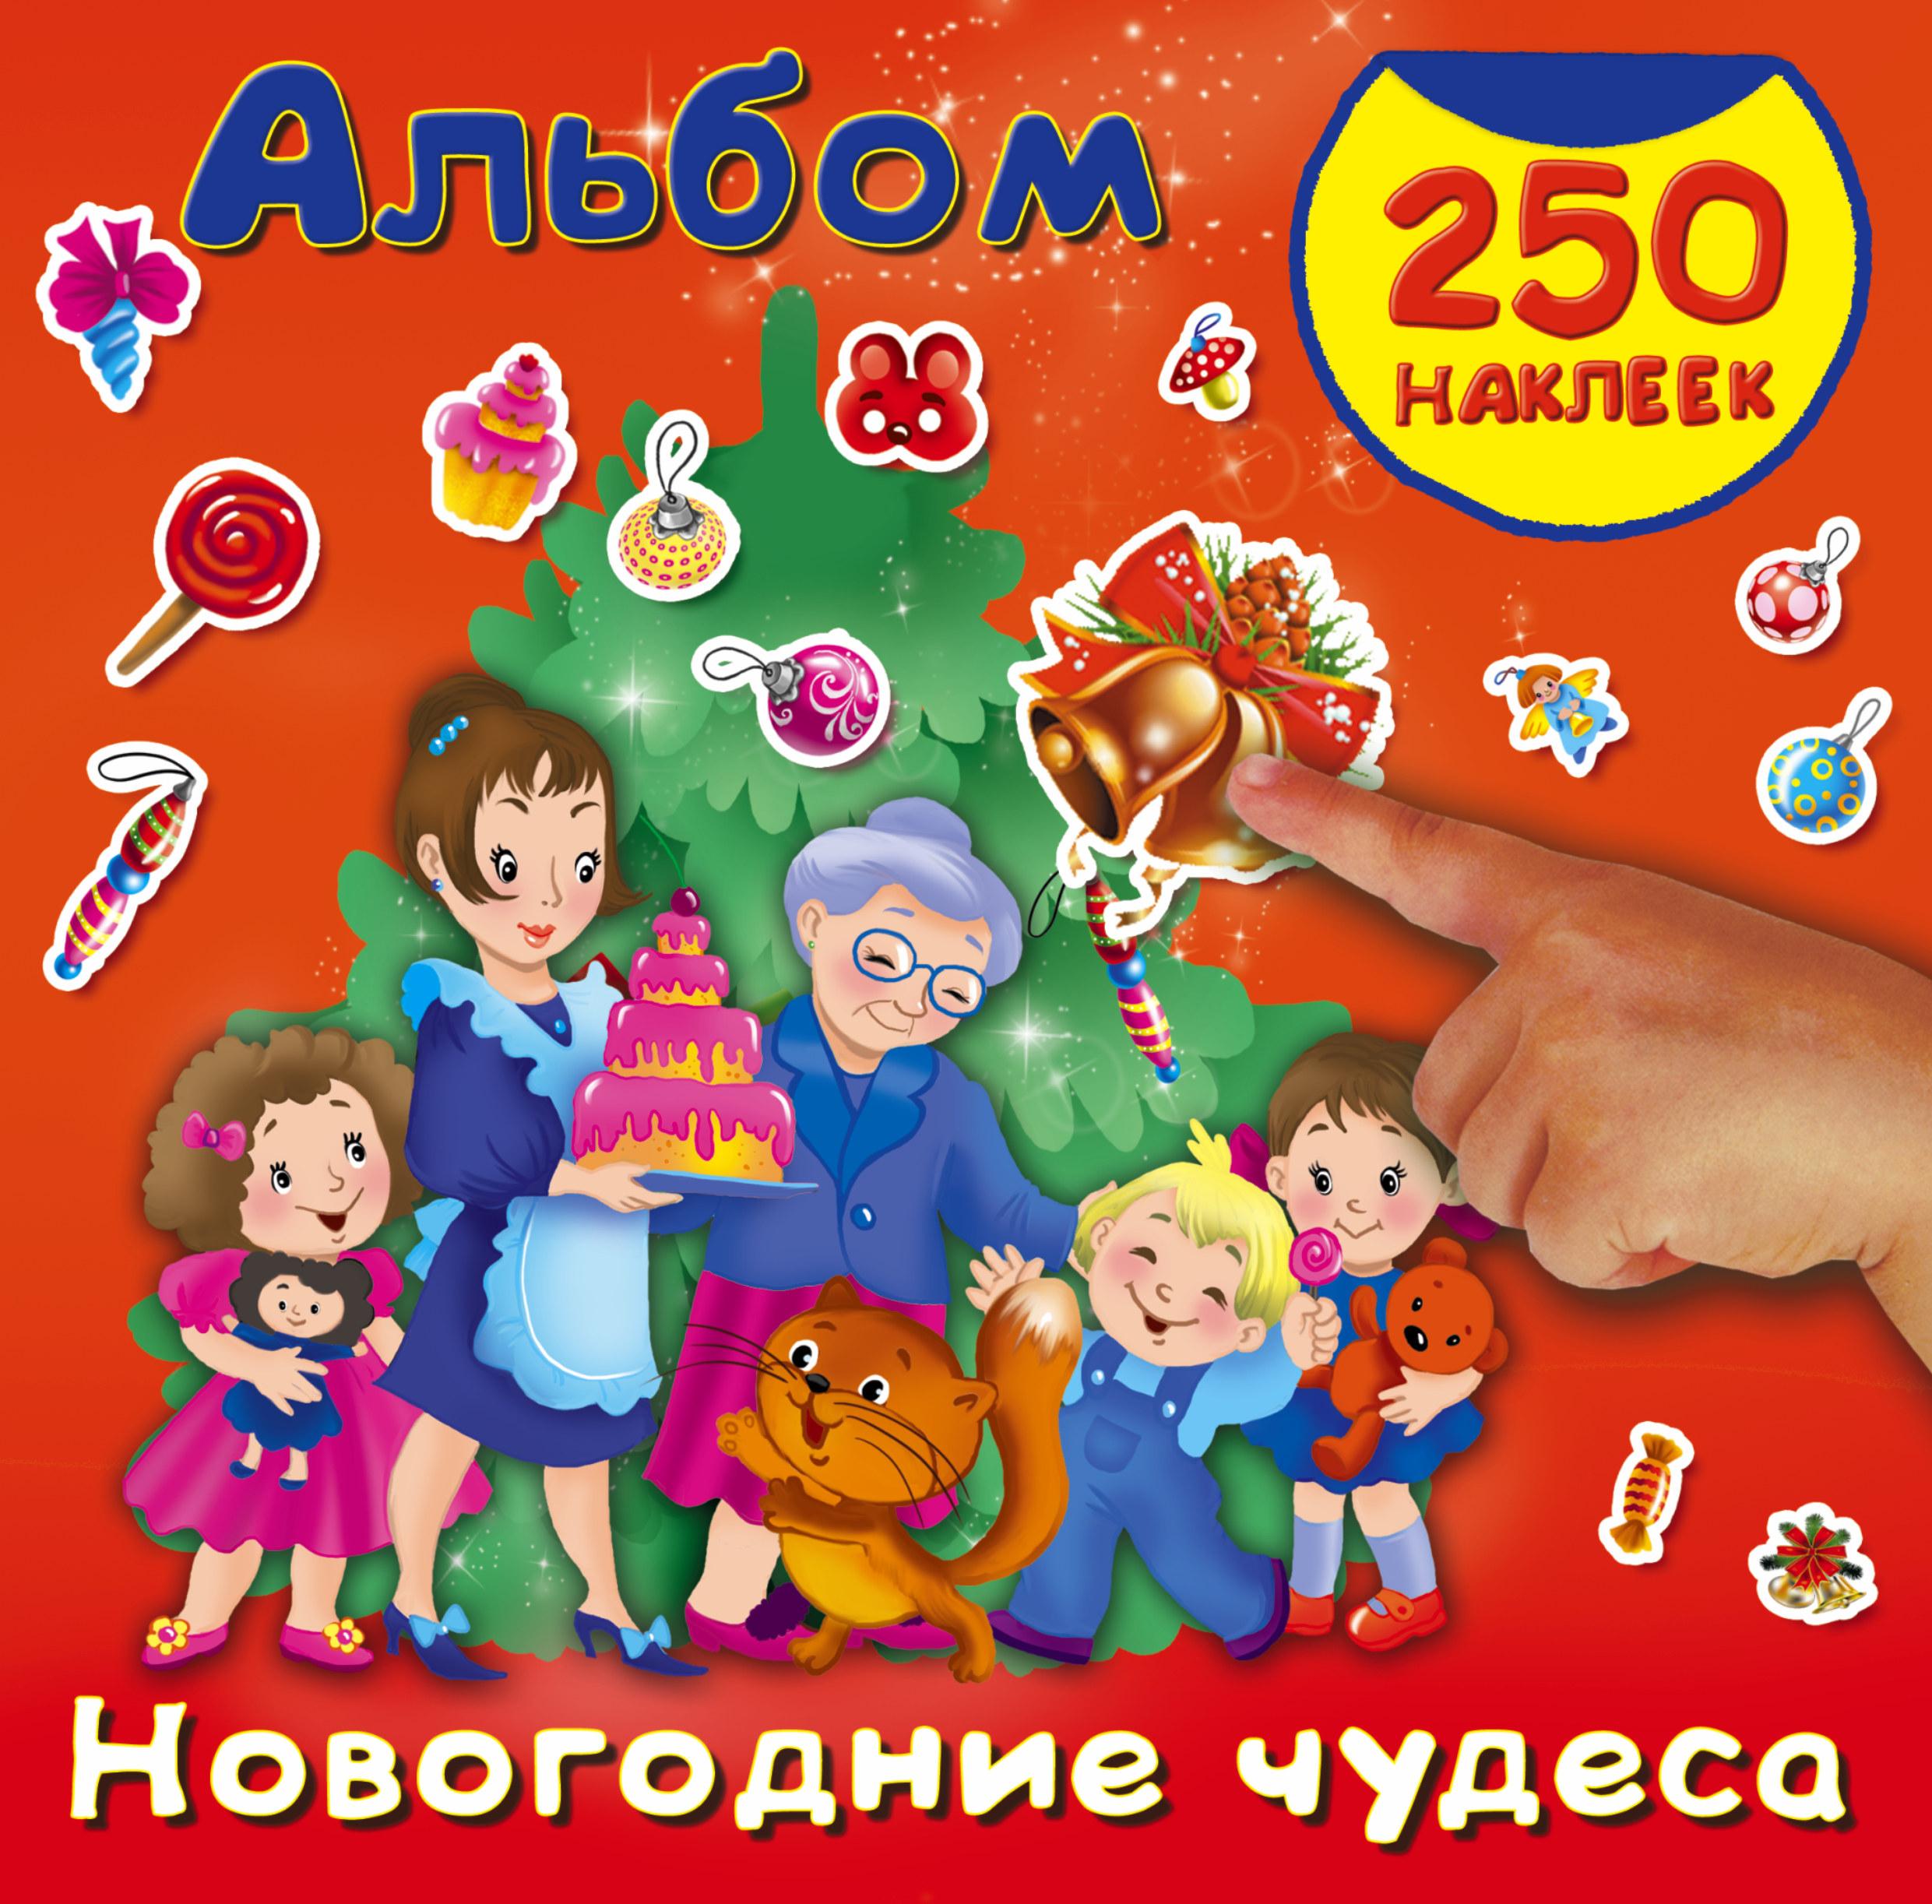 Горбунова И.В., Дмитриева В.Г. Новогодние чудеса альбом 250 наклеек новогодние чудеса